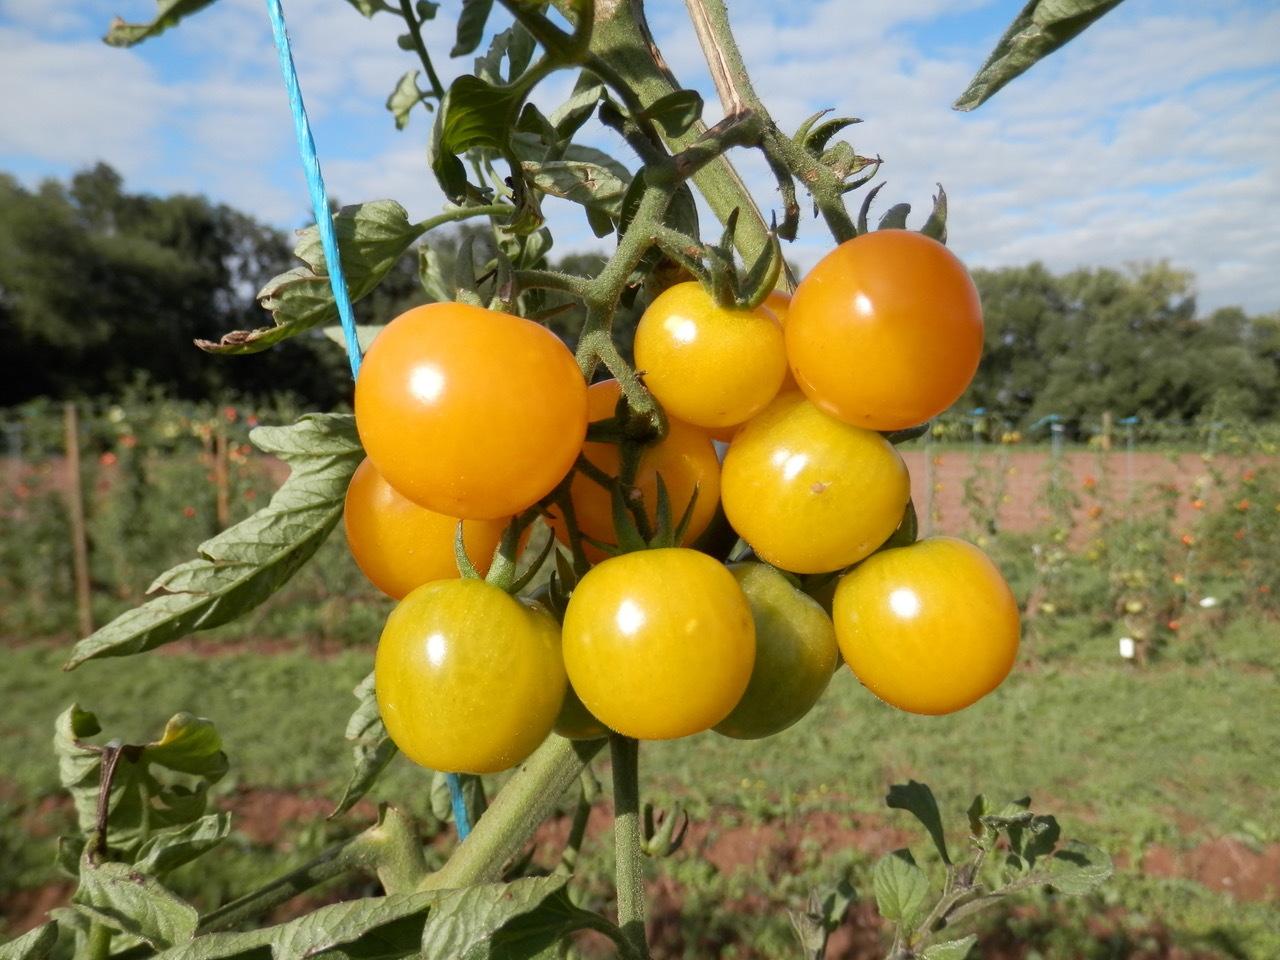 Tomaten der Sorte Sunviva im Öko-Zuchtgarten der Universität Göttingen.